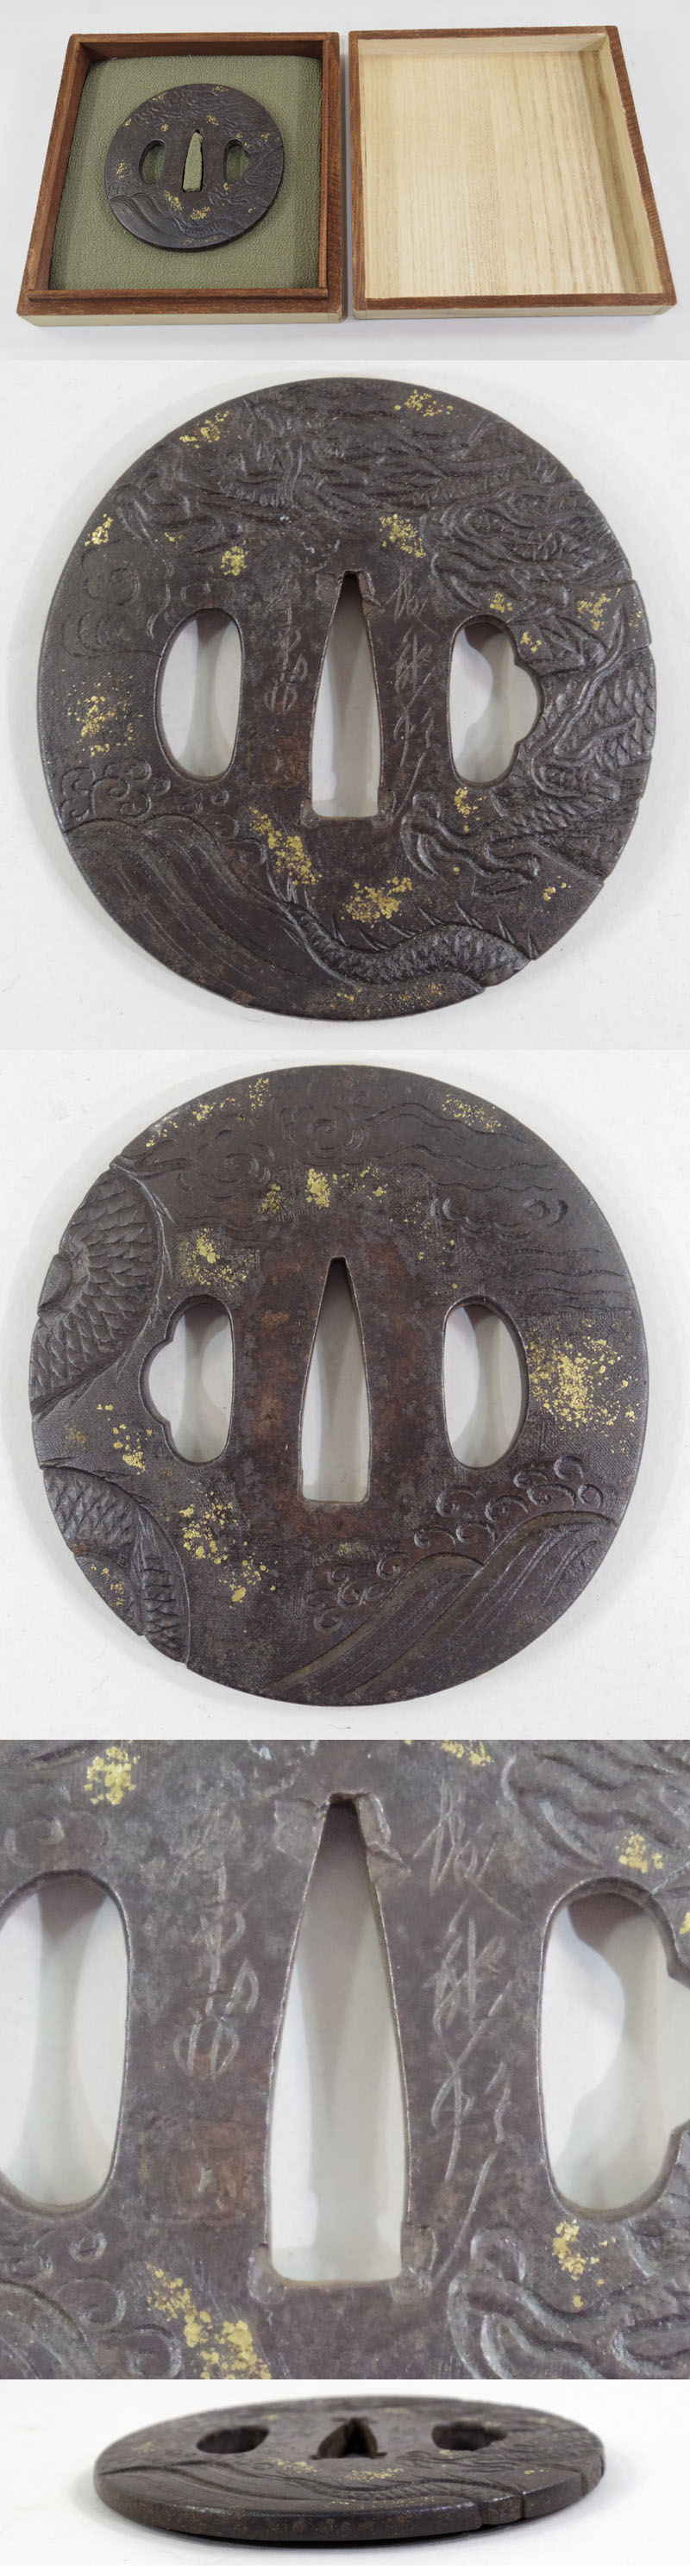 波に雲龍図鍔 成龍軒 栄寿(印) Picture of parts